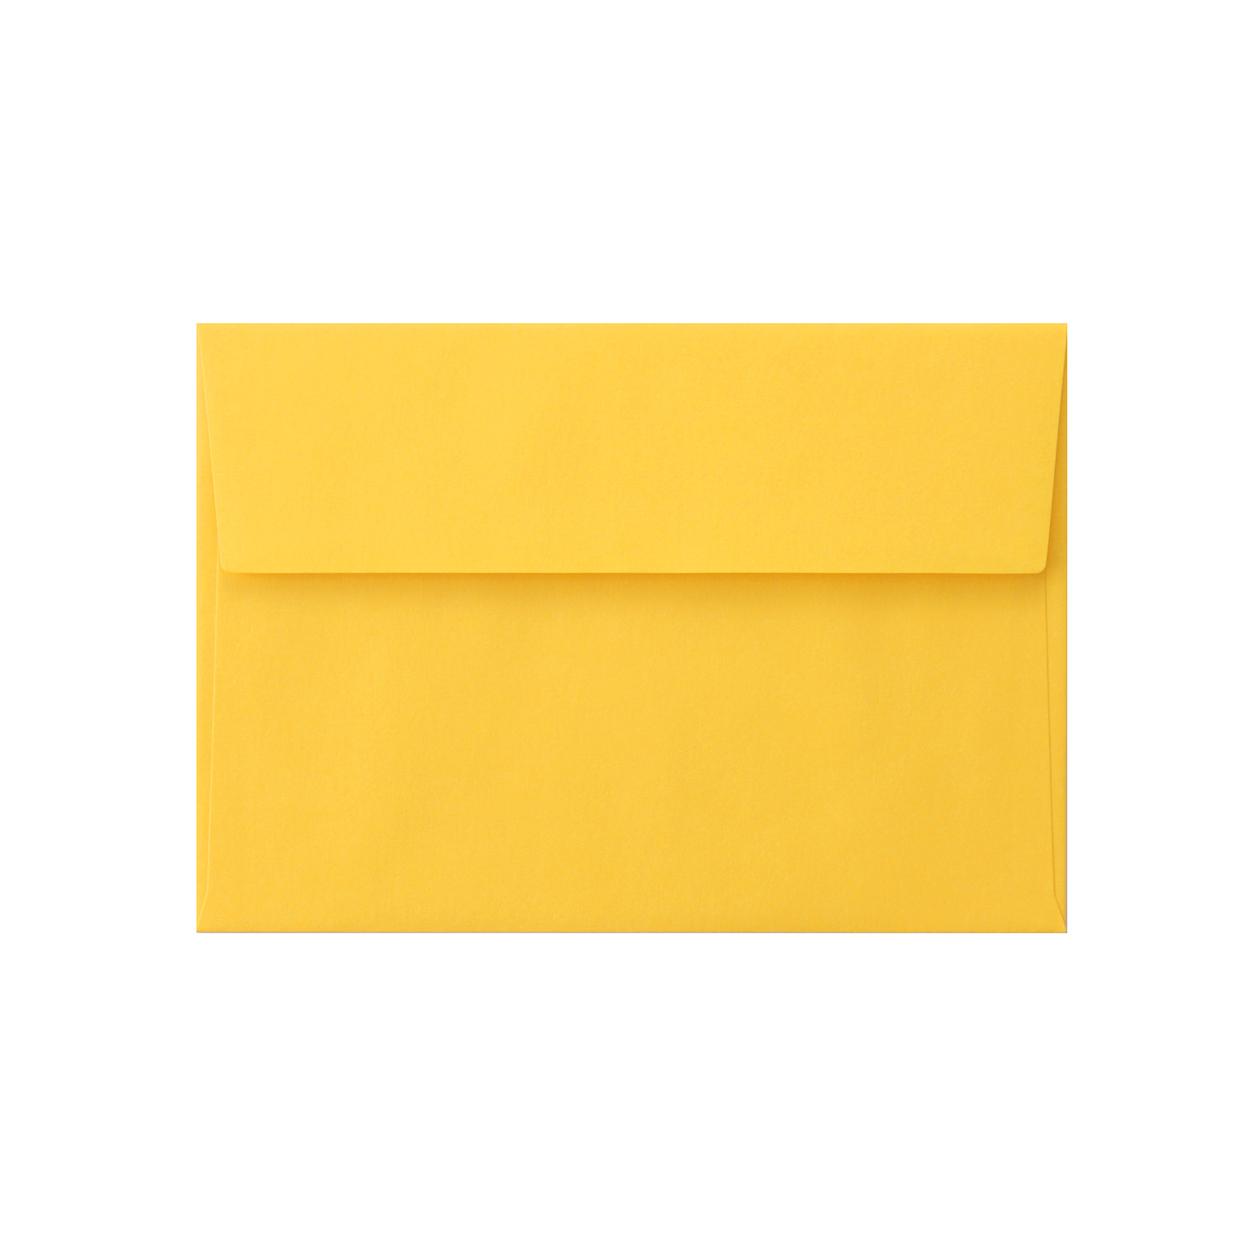 洋2カマス封筒 コニーカラー イエロー 85g